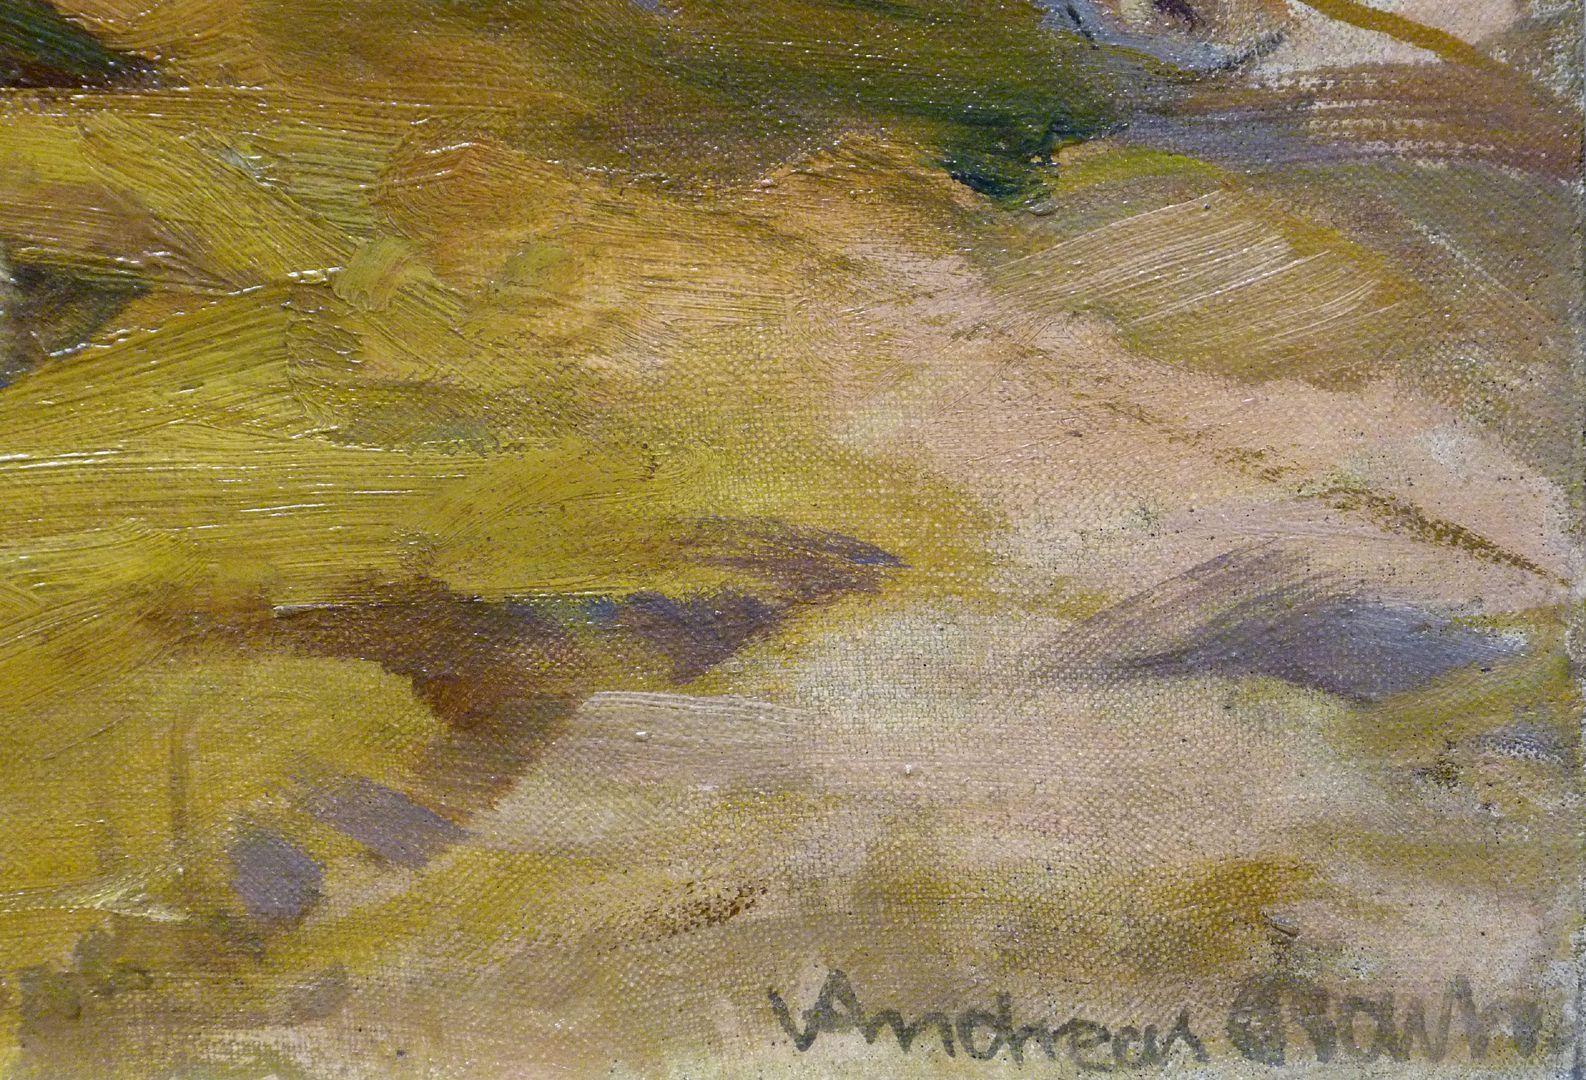 Schafe rechtes unteres Bildfeld mit Signatur